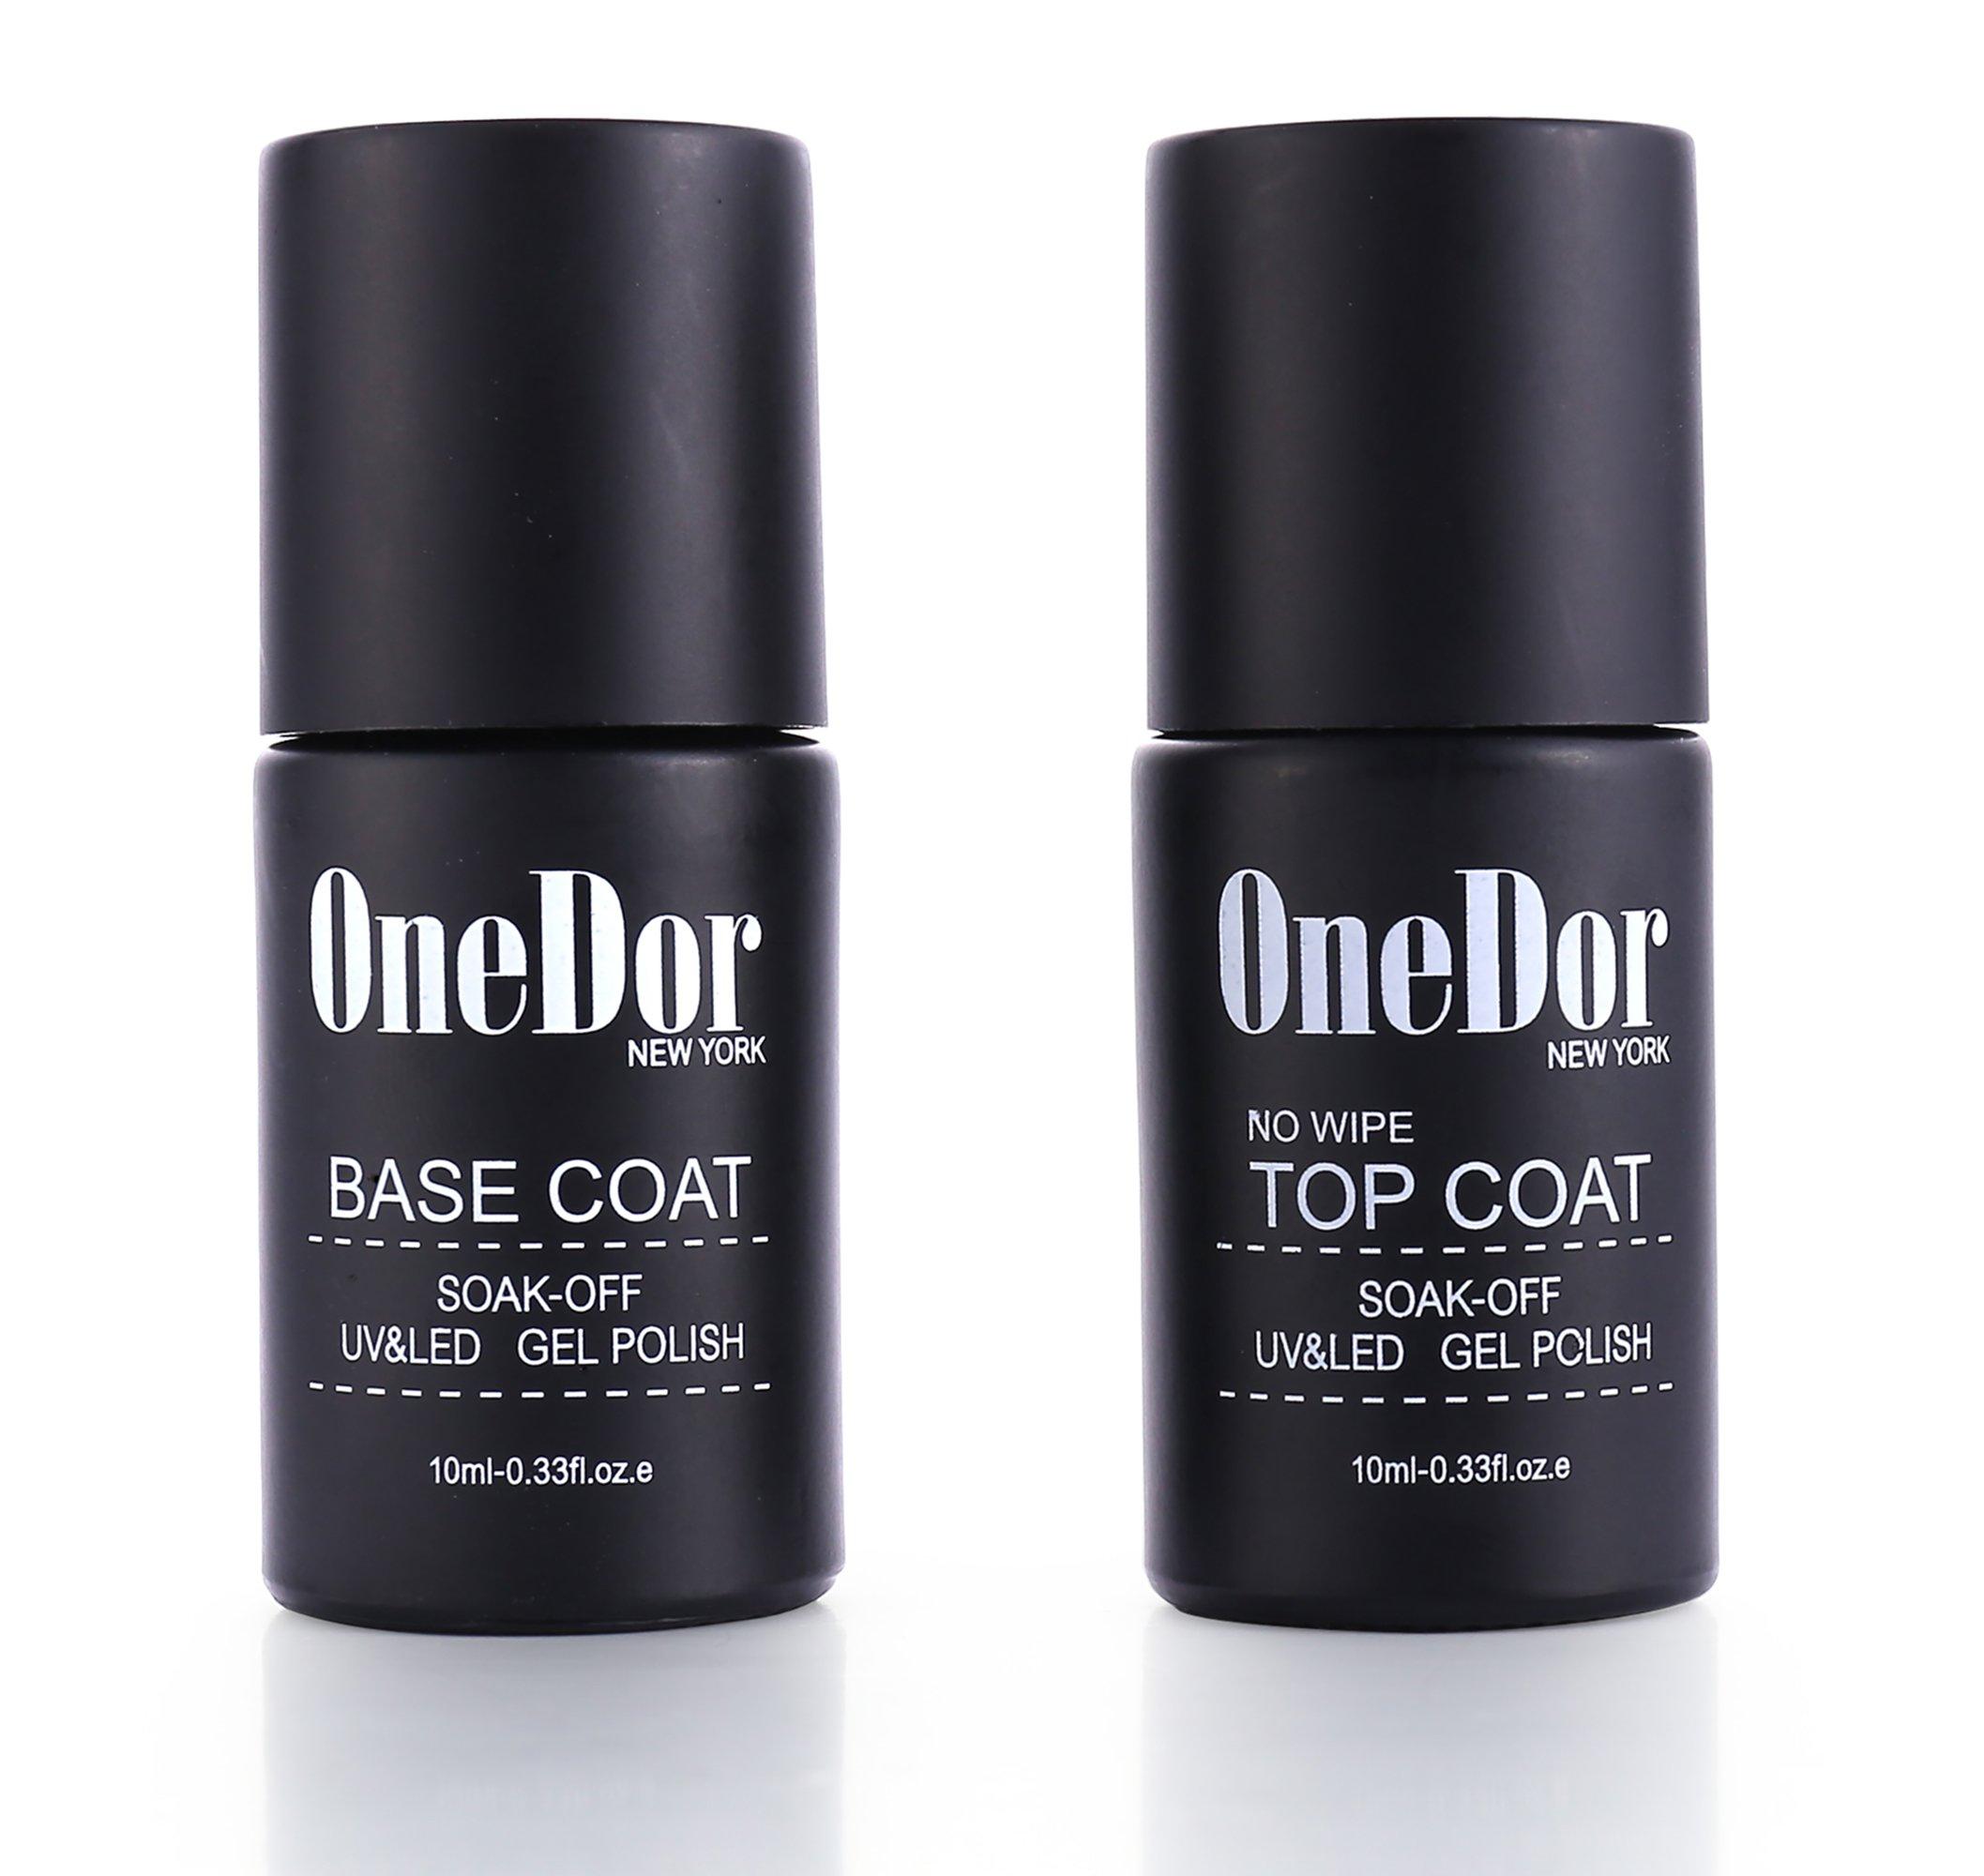 Amazon.com: OneDor Mermaid Gel Polish Enhancer - UV Led Cured ...